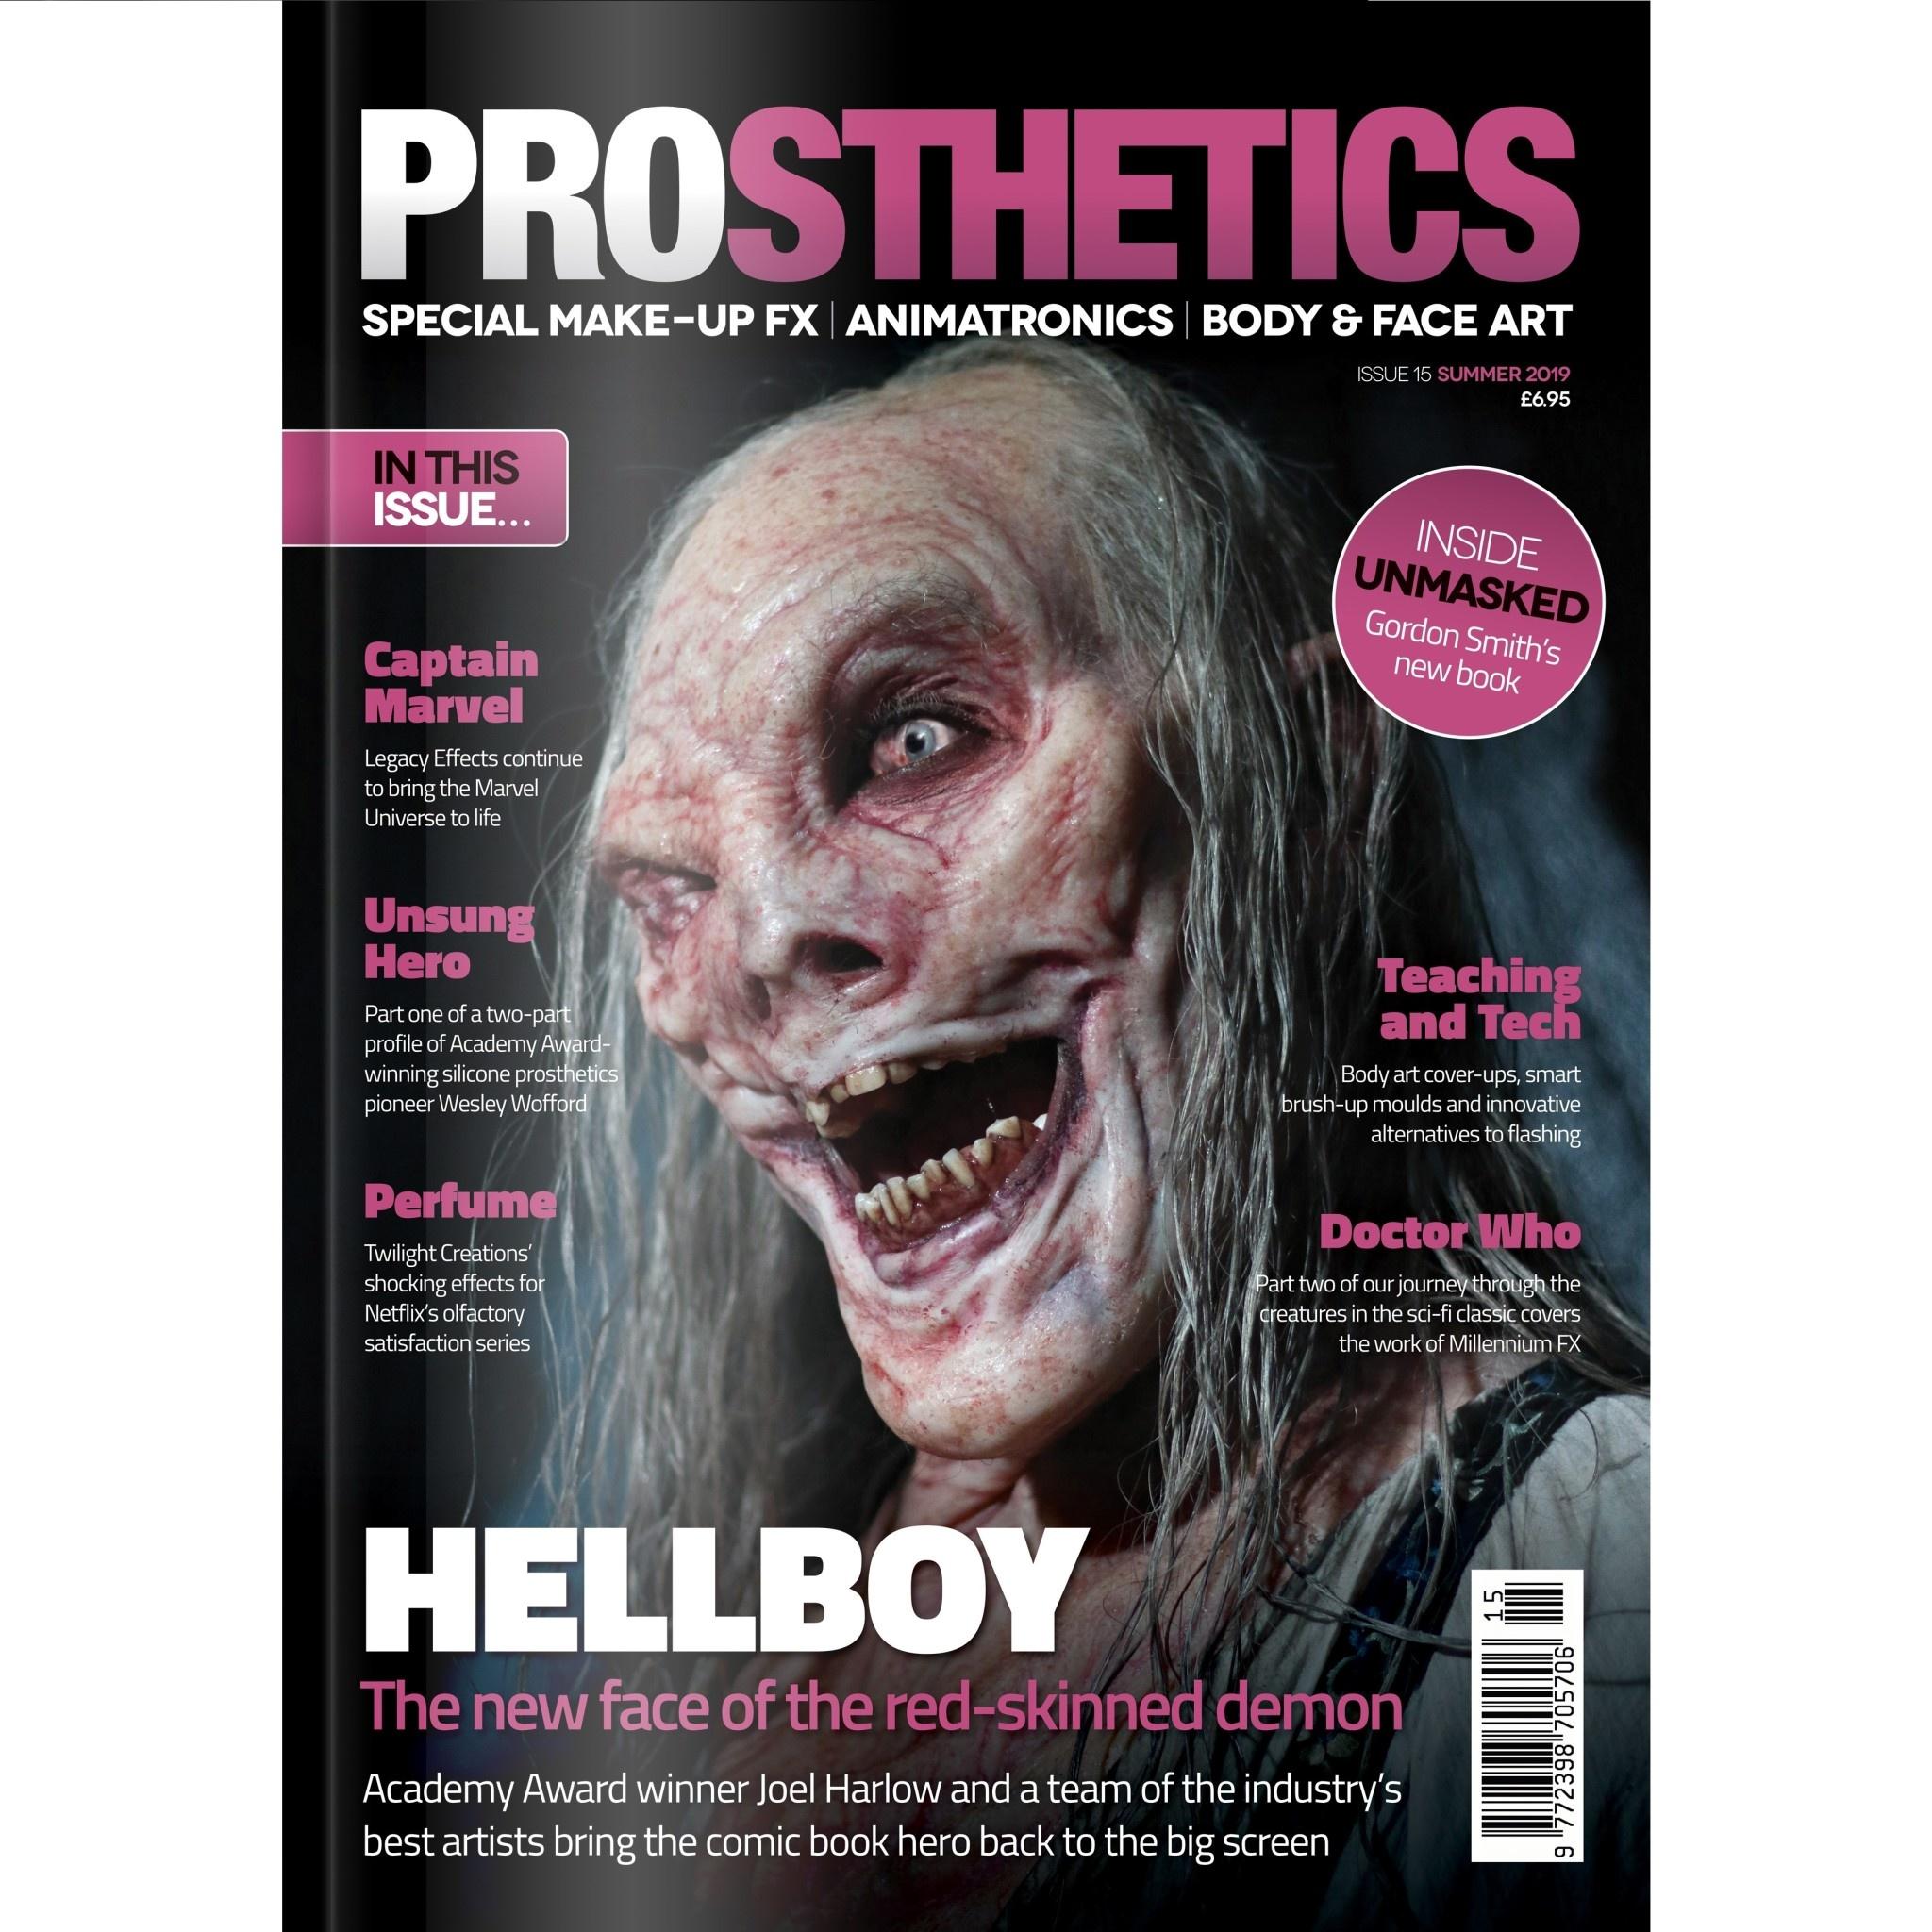 Prosthetics Magazine #15